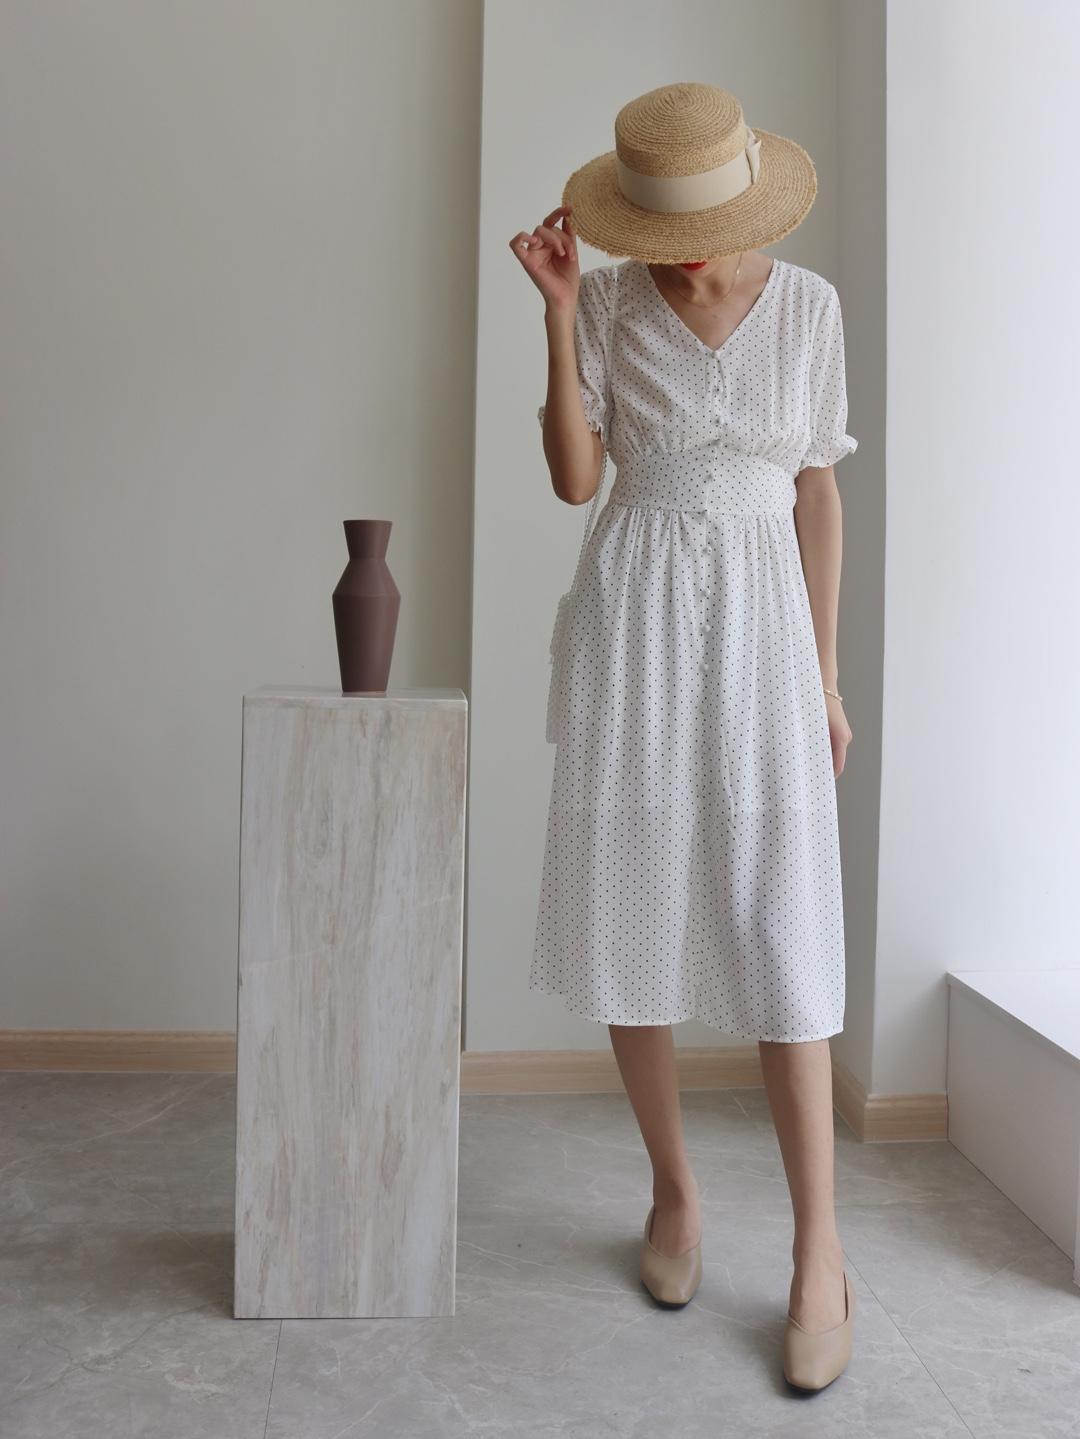 #小腿粗壮的穿搭拯救方案# 细细的波点图案 显得内敛文静🙊 连衣裙的长度见长辈也是比较合适的🐱 纯净的颜色 很温柔哦 收腰设计 梨形身材也好看🙈